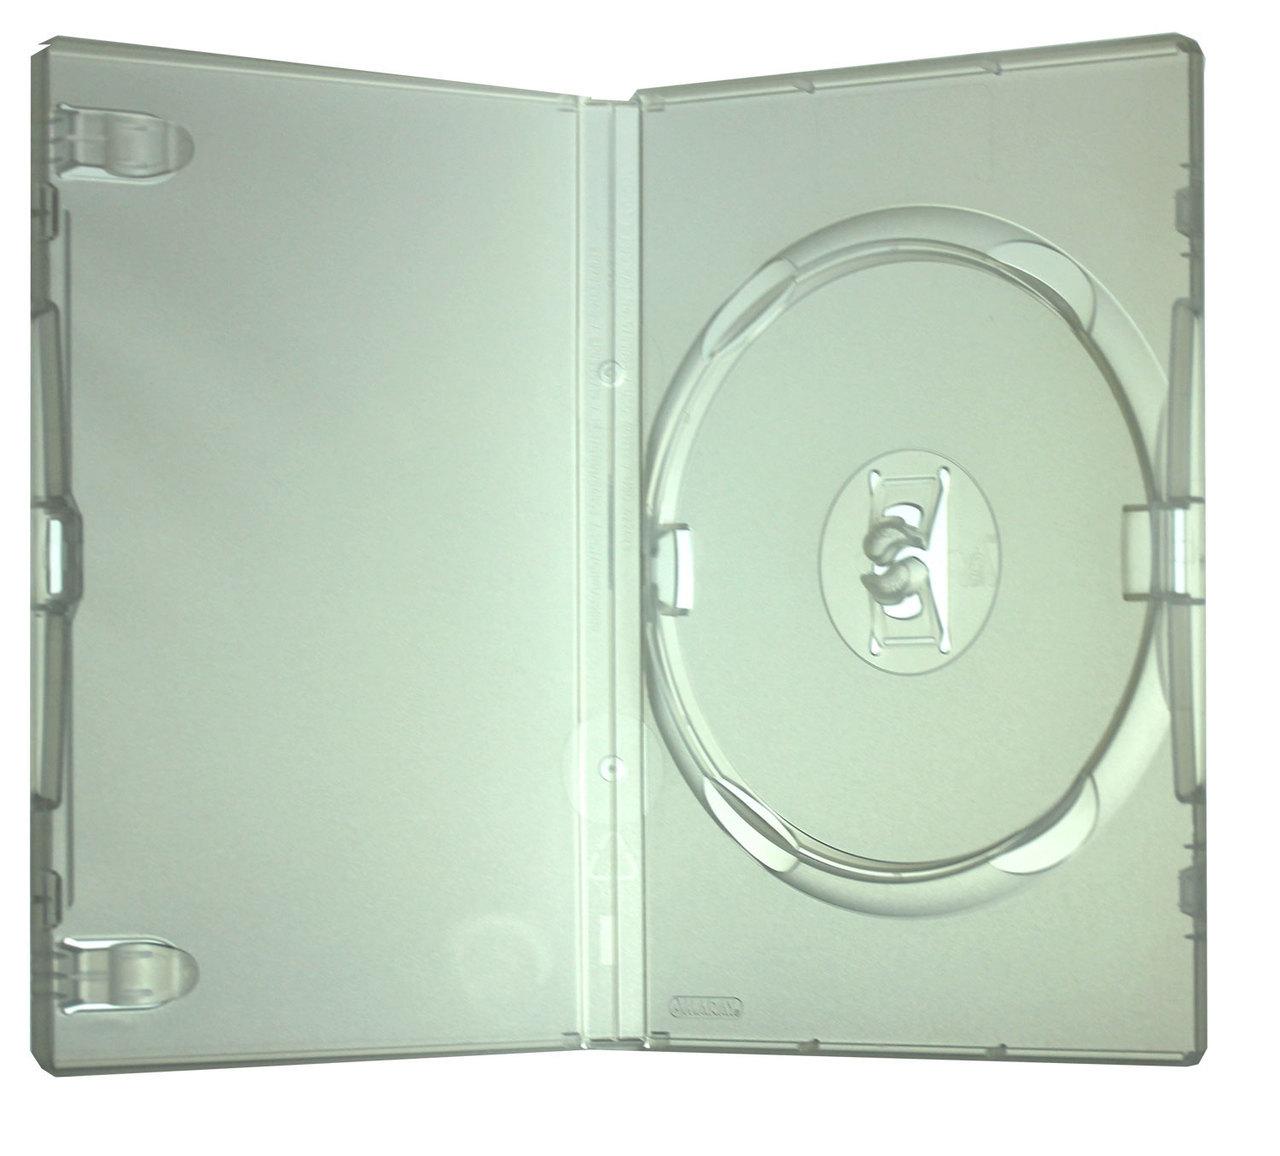 Θήκη DVD Μονή Λεπτή Διάφανης 7 mm